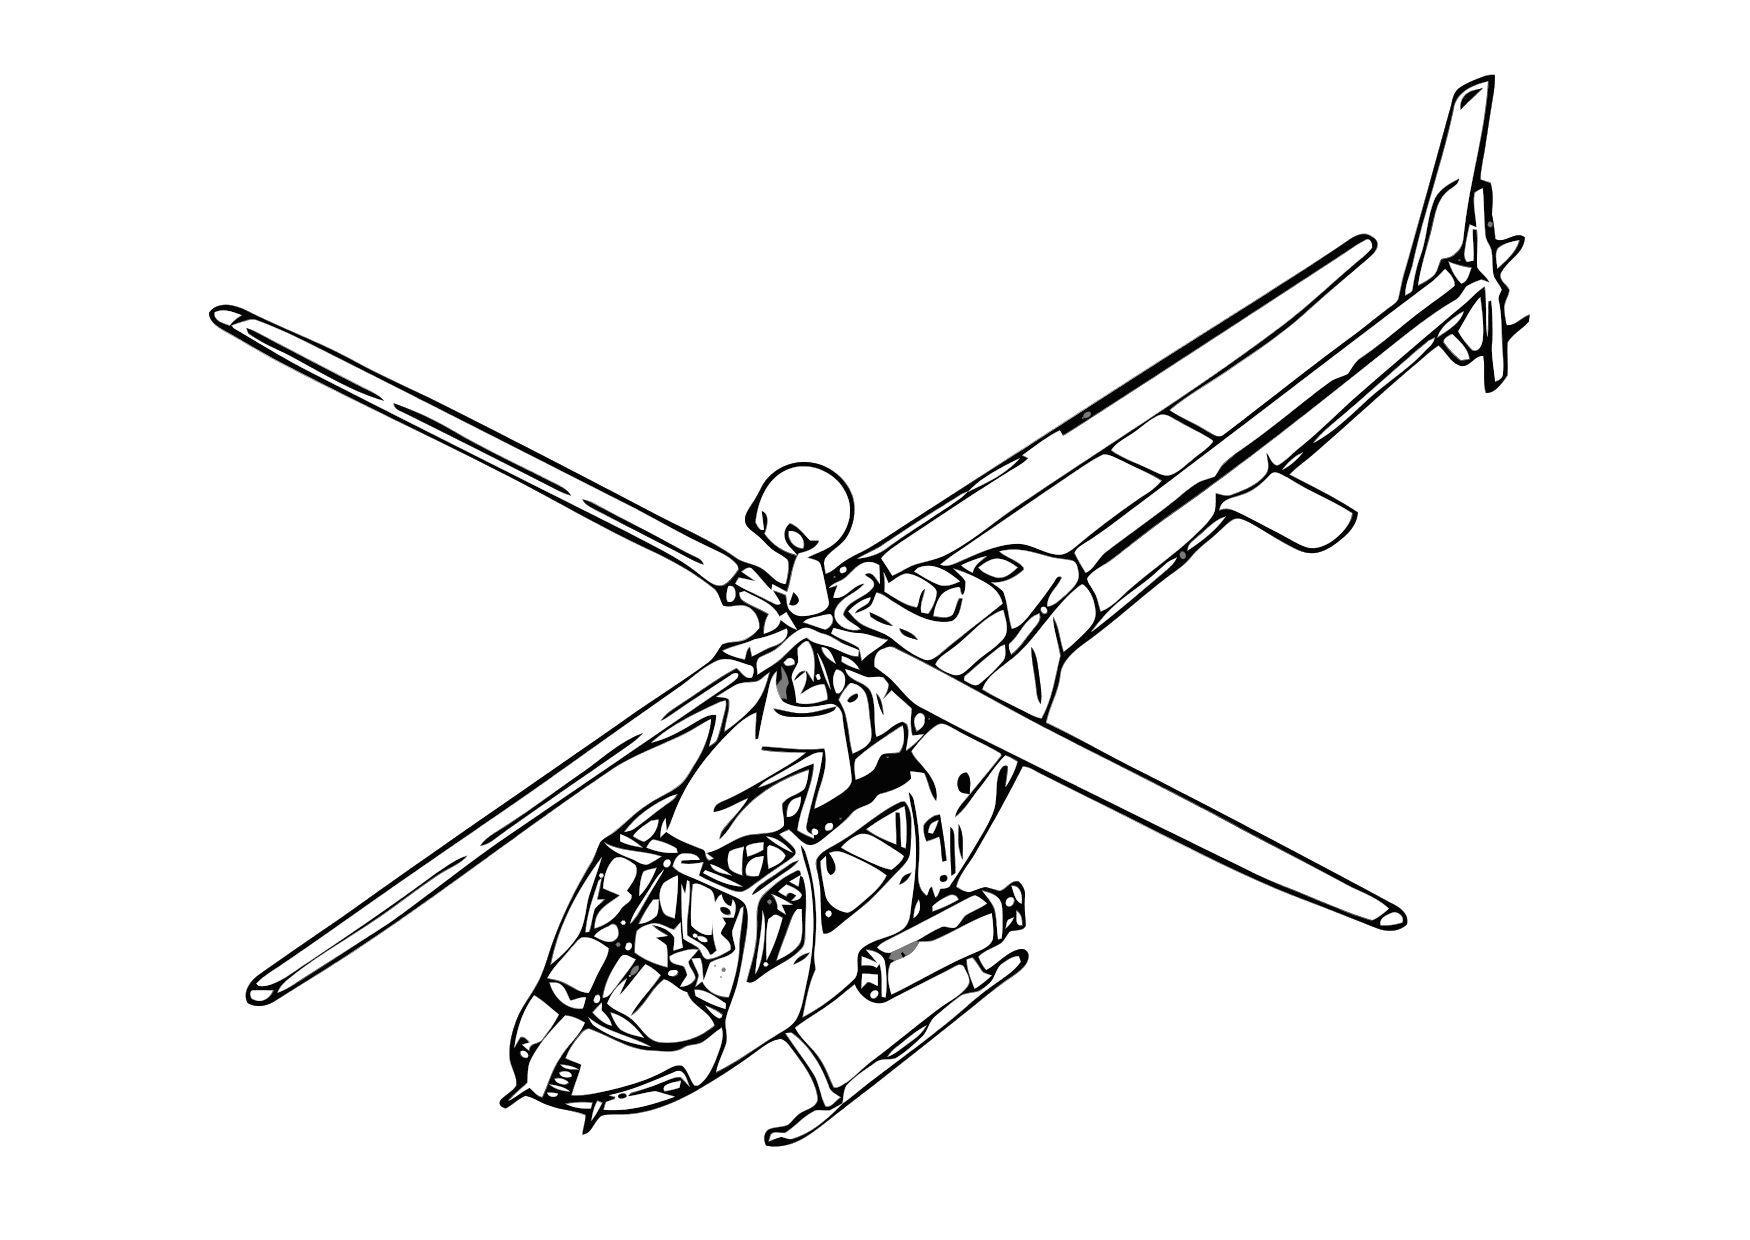 kleurplaat helicopter gratis kleurplaten om te printen